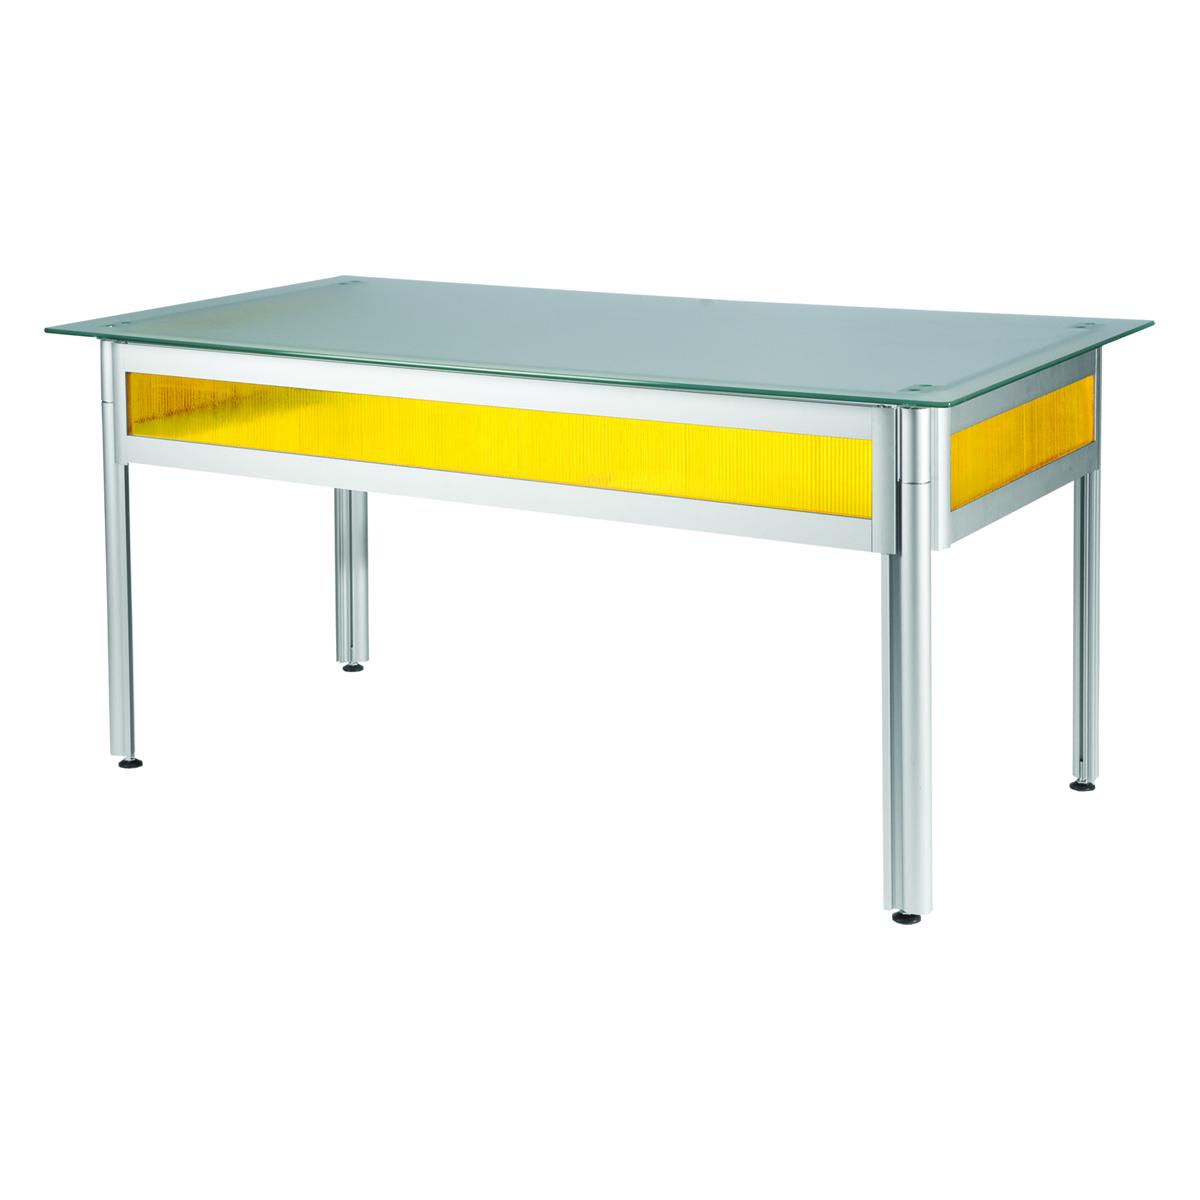 Bureau flashy jaune plateau verre opaque 150x80 for Bureau jaune